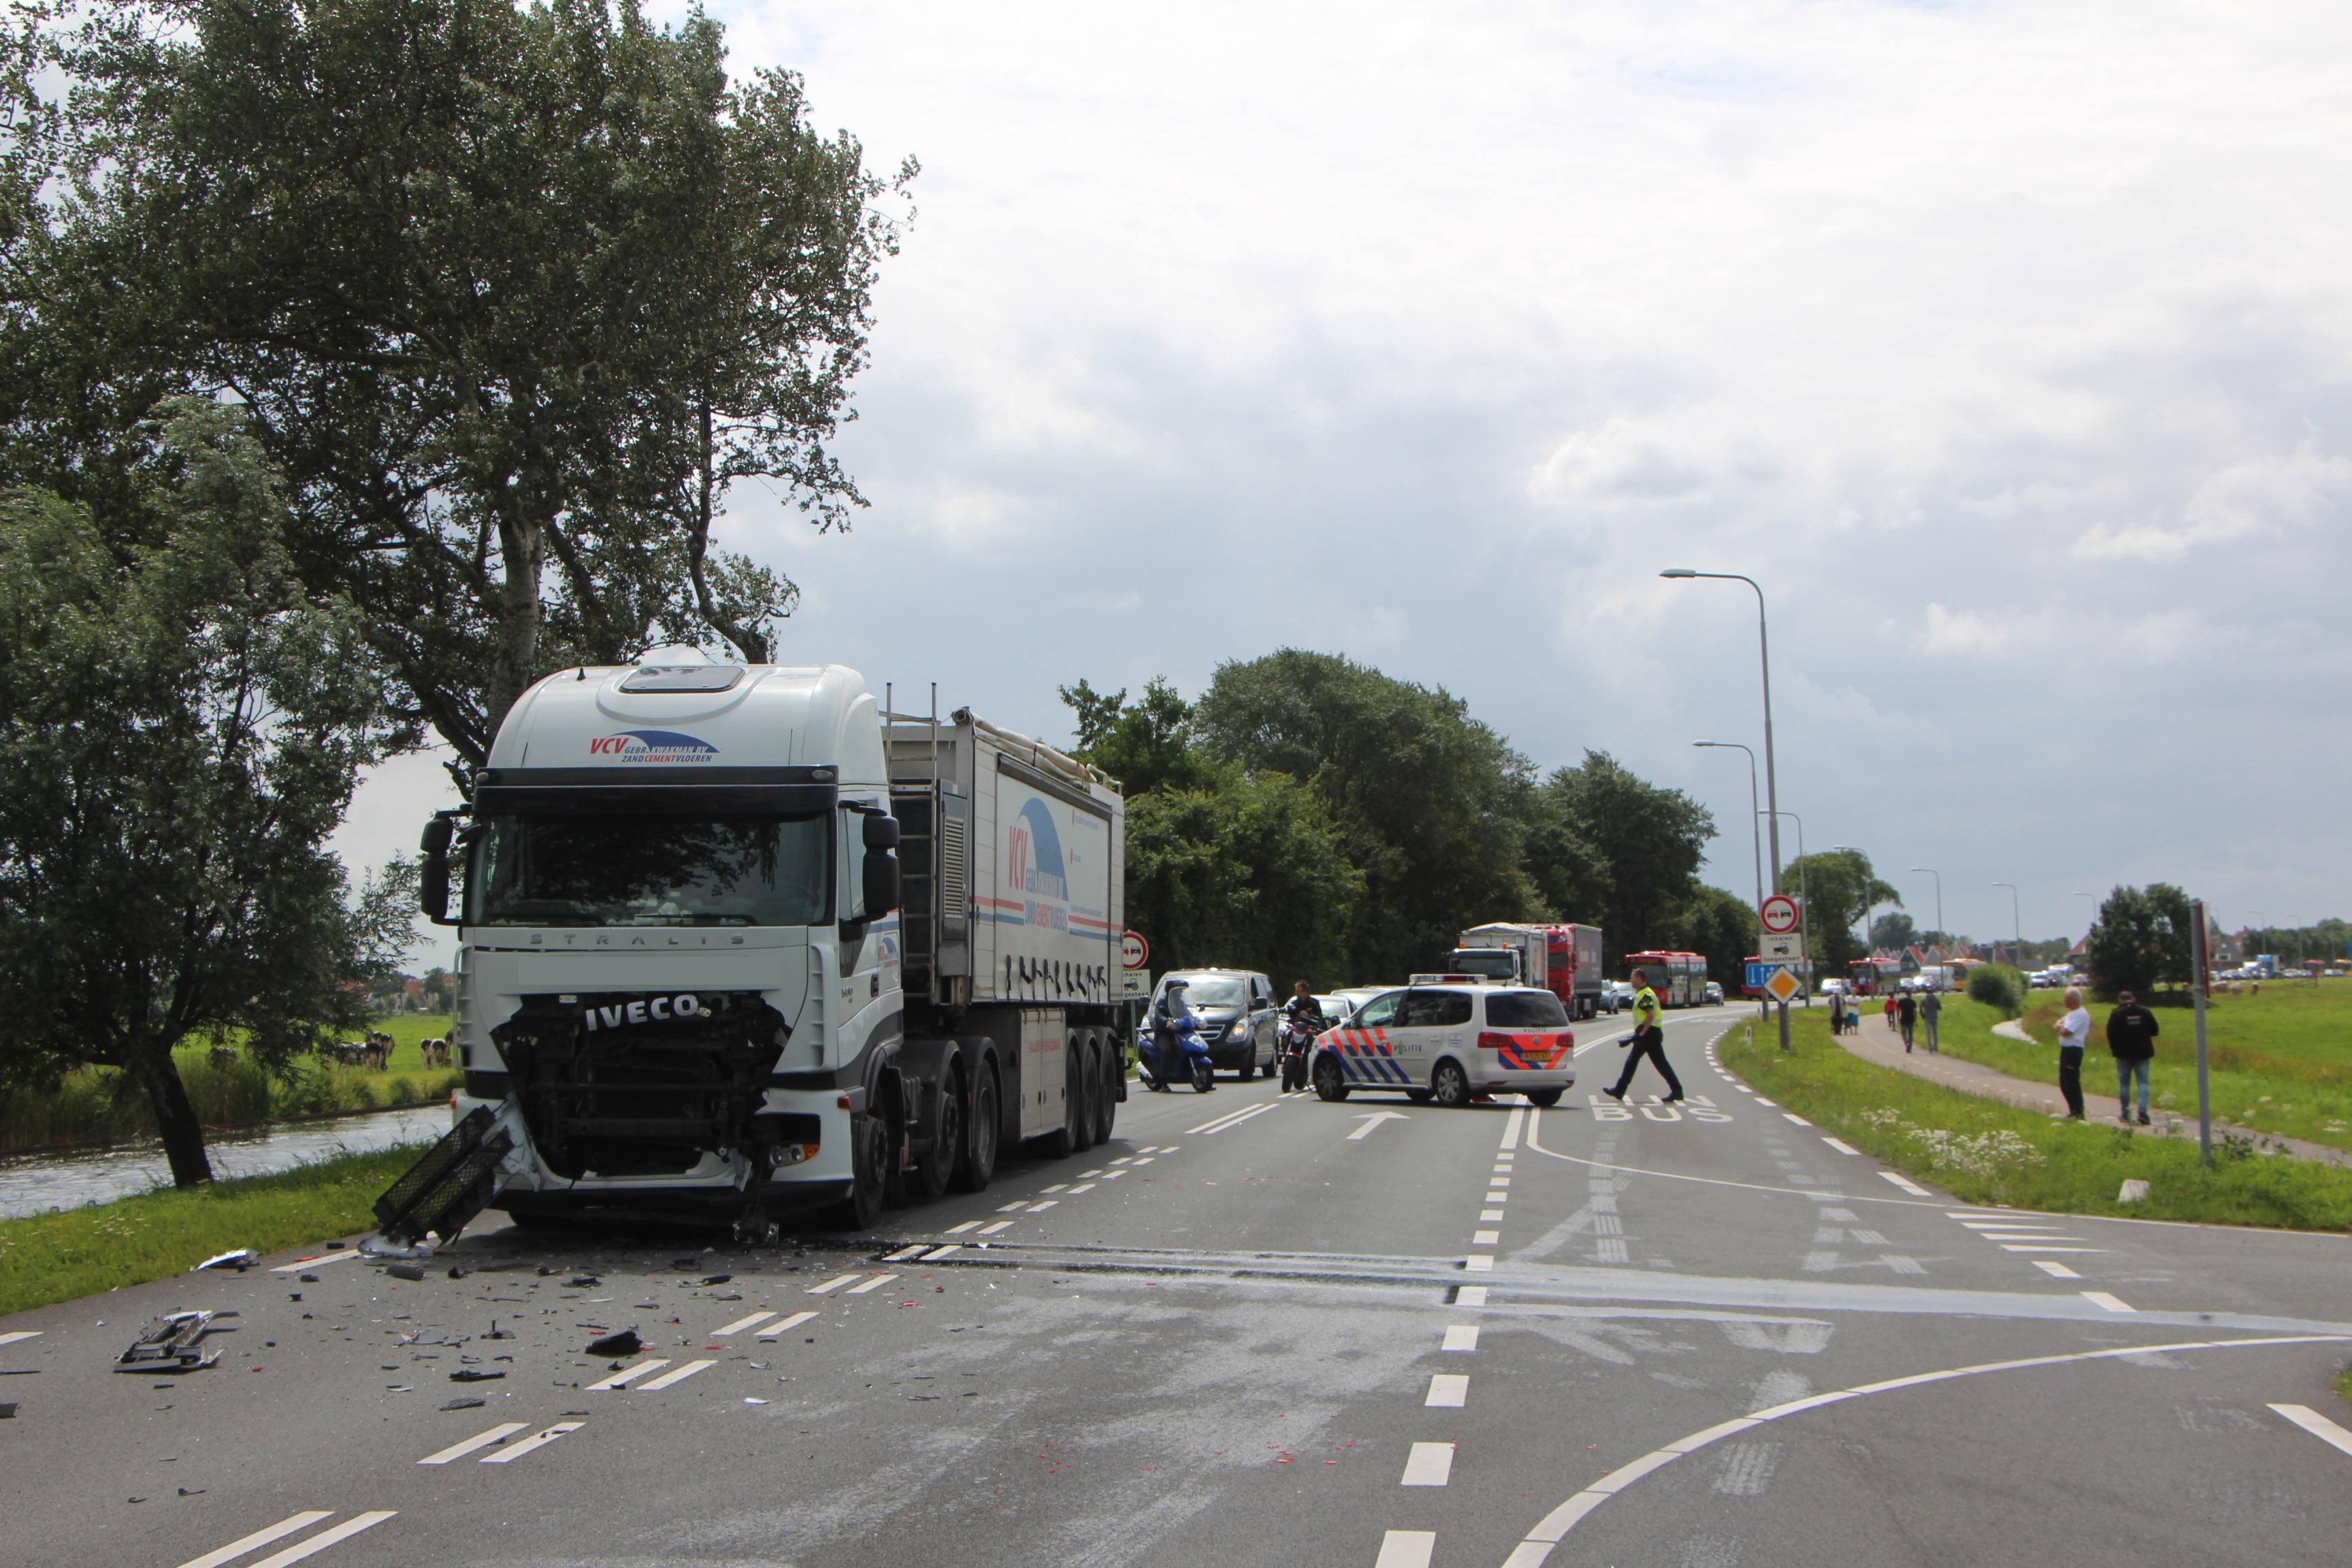 Ernstig ongeval met vrachtwagen op N247 [video]